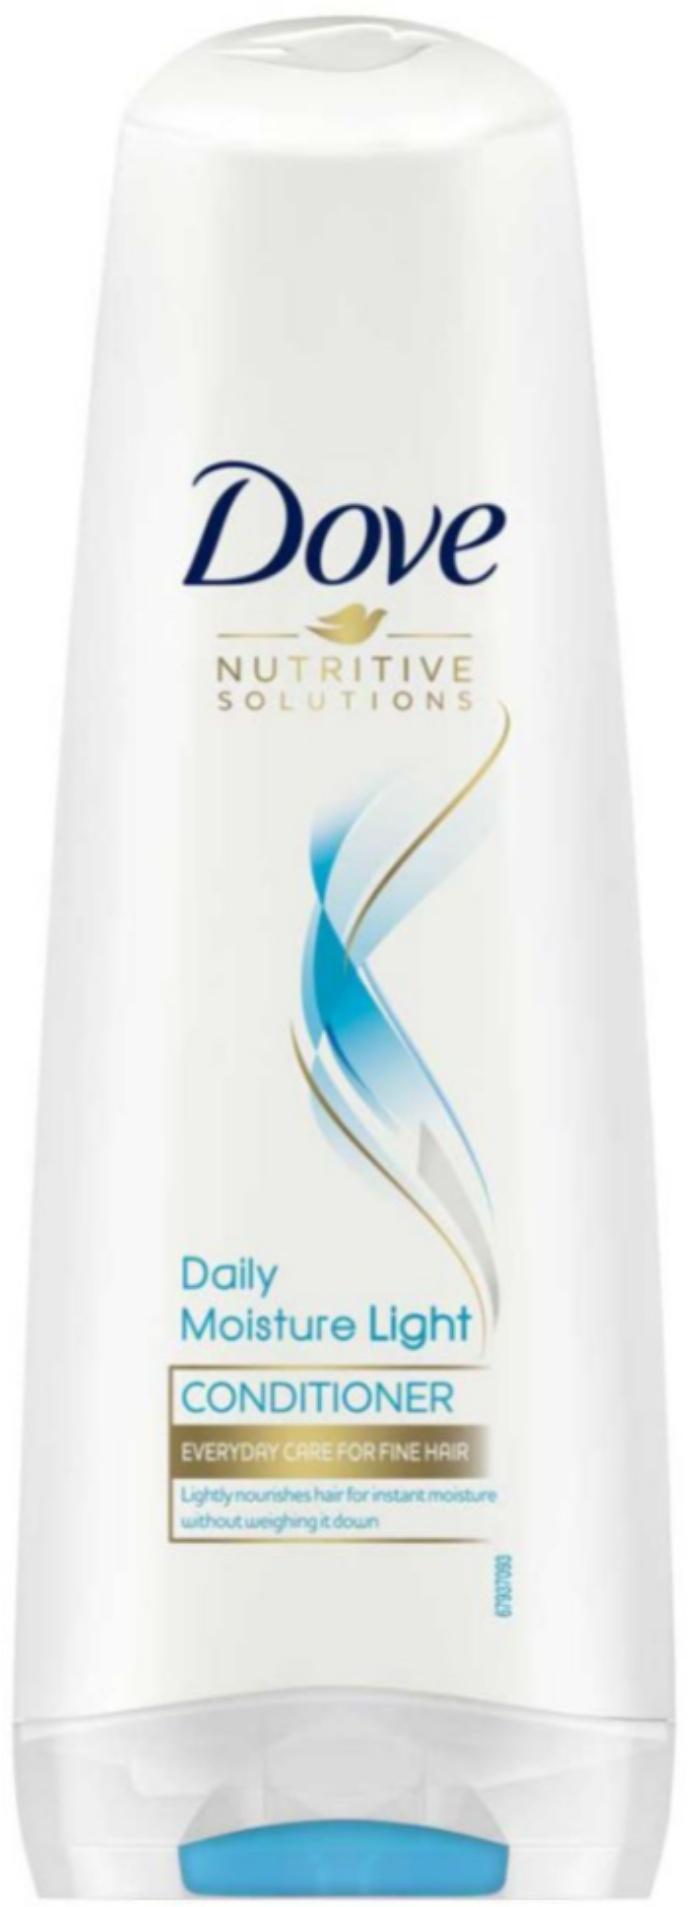 Dove Daily Moisture Light Conditioner